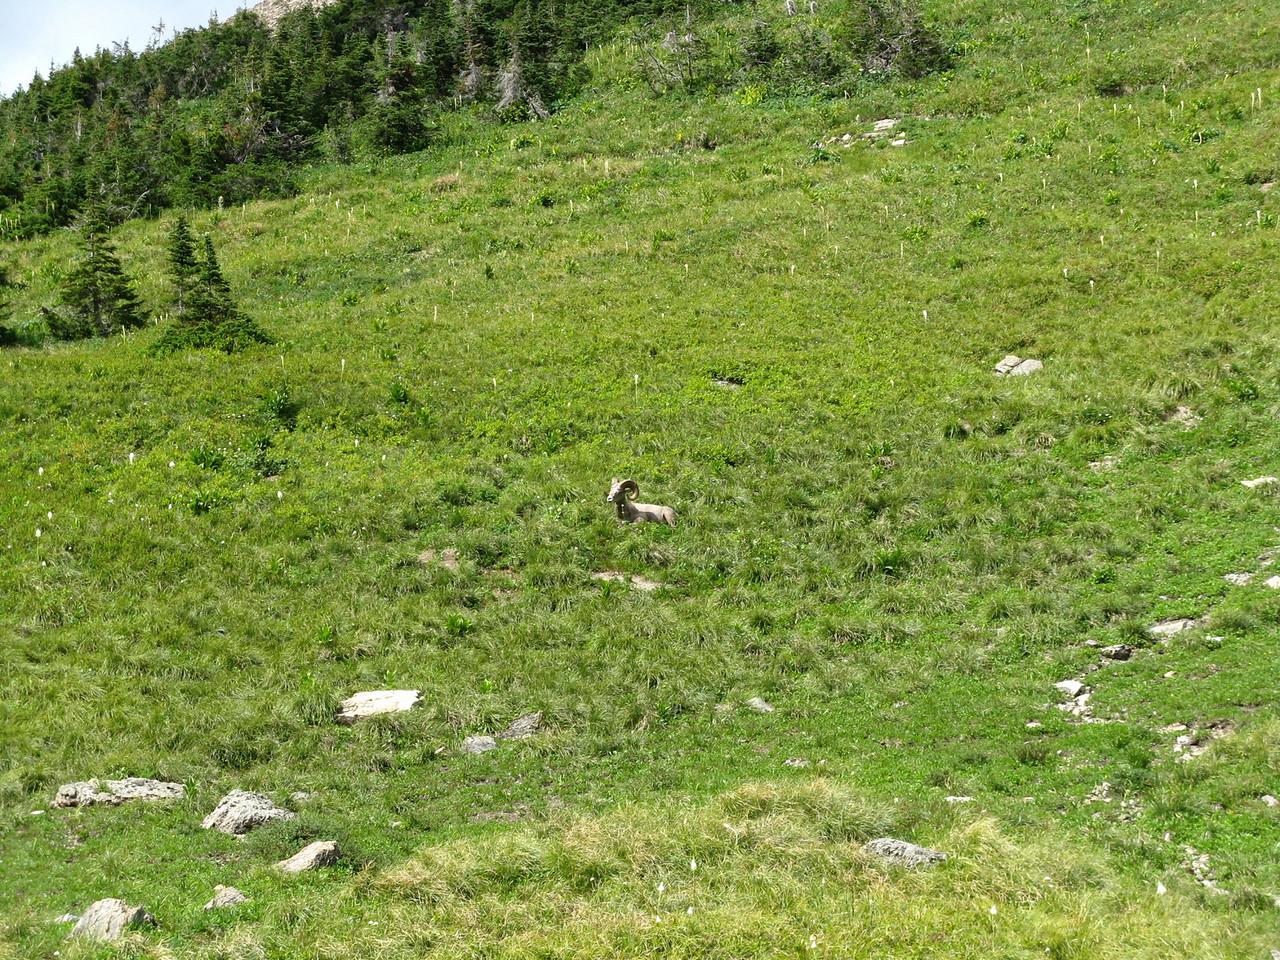 A ram lying in the meadow.